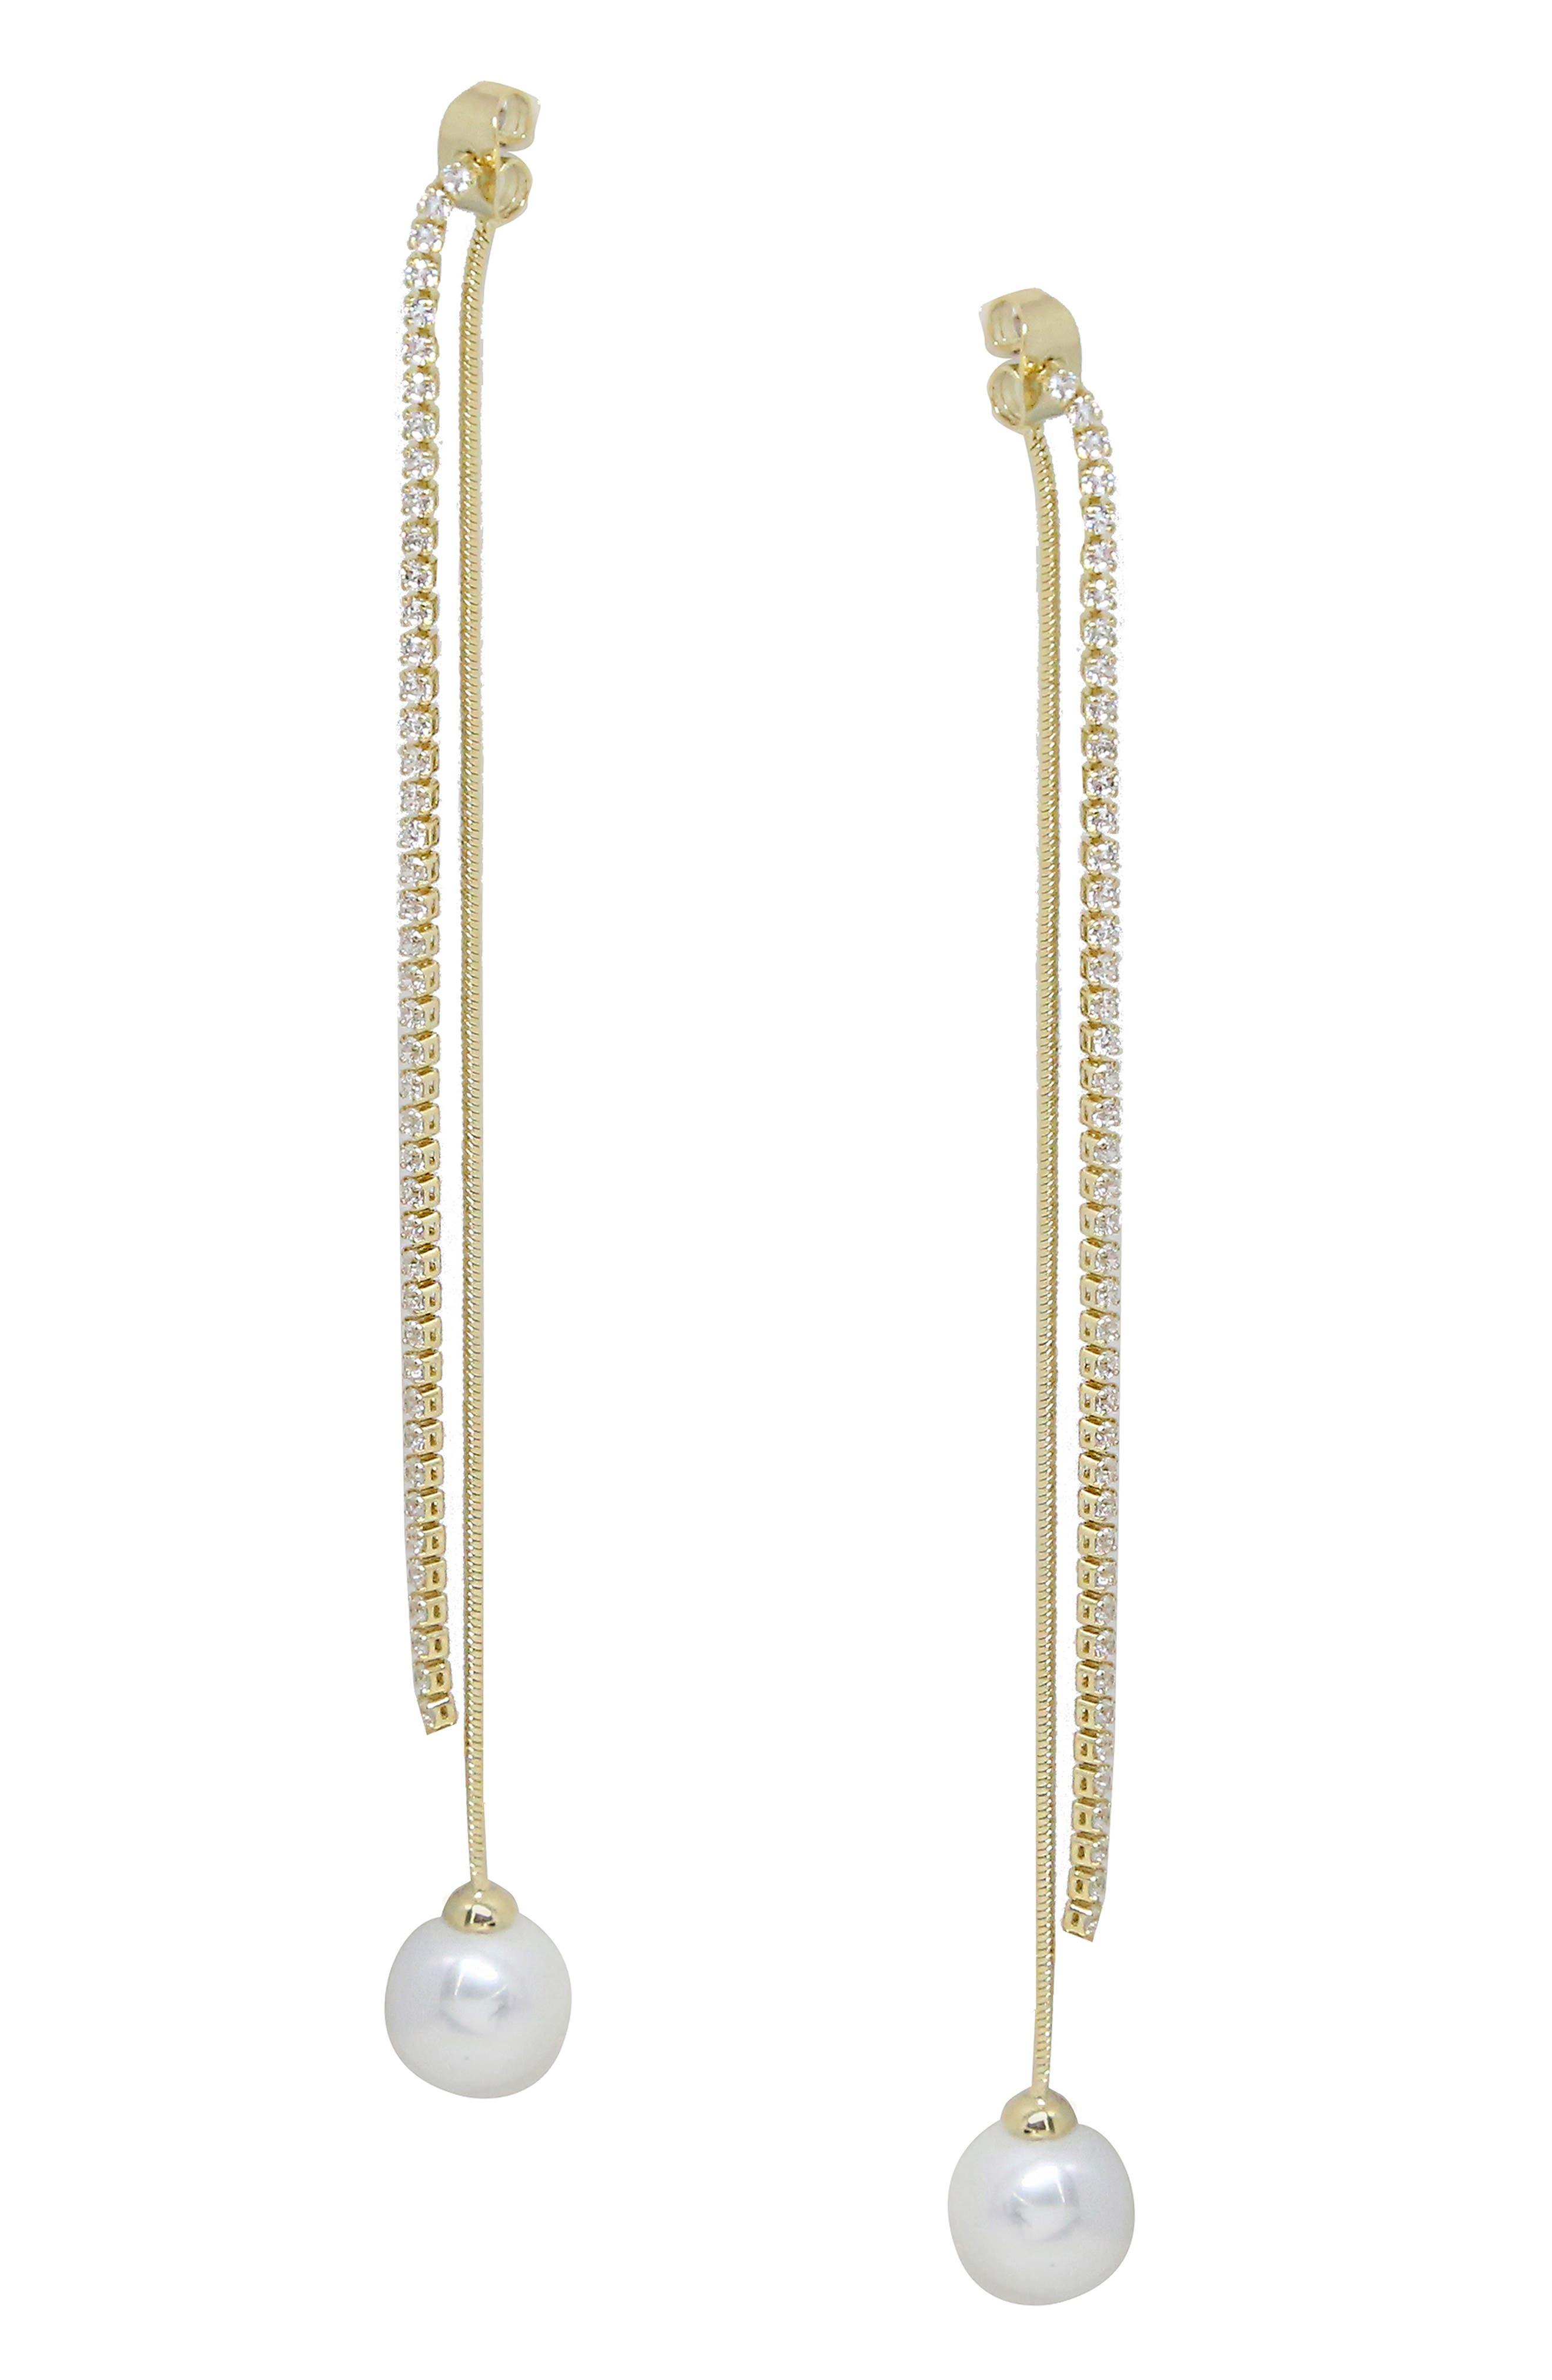 ETTIKA Imitation Pearl Front/Back Earrings in Gold